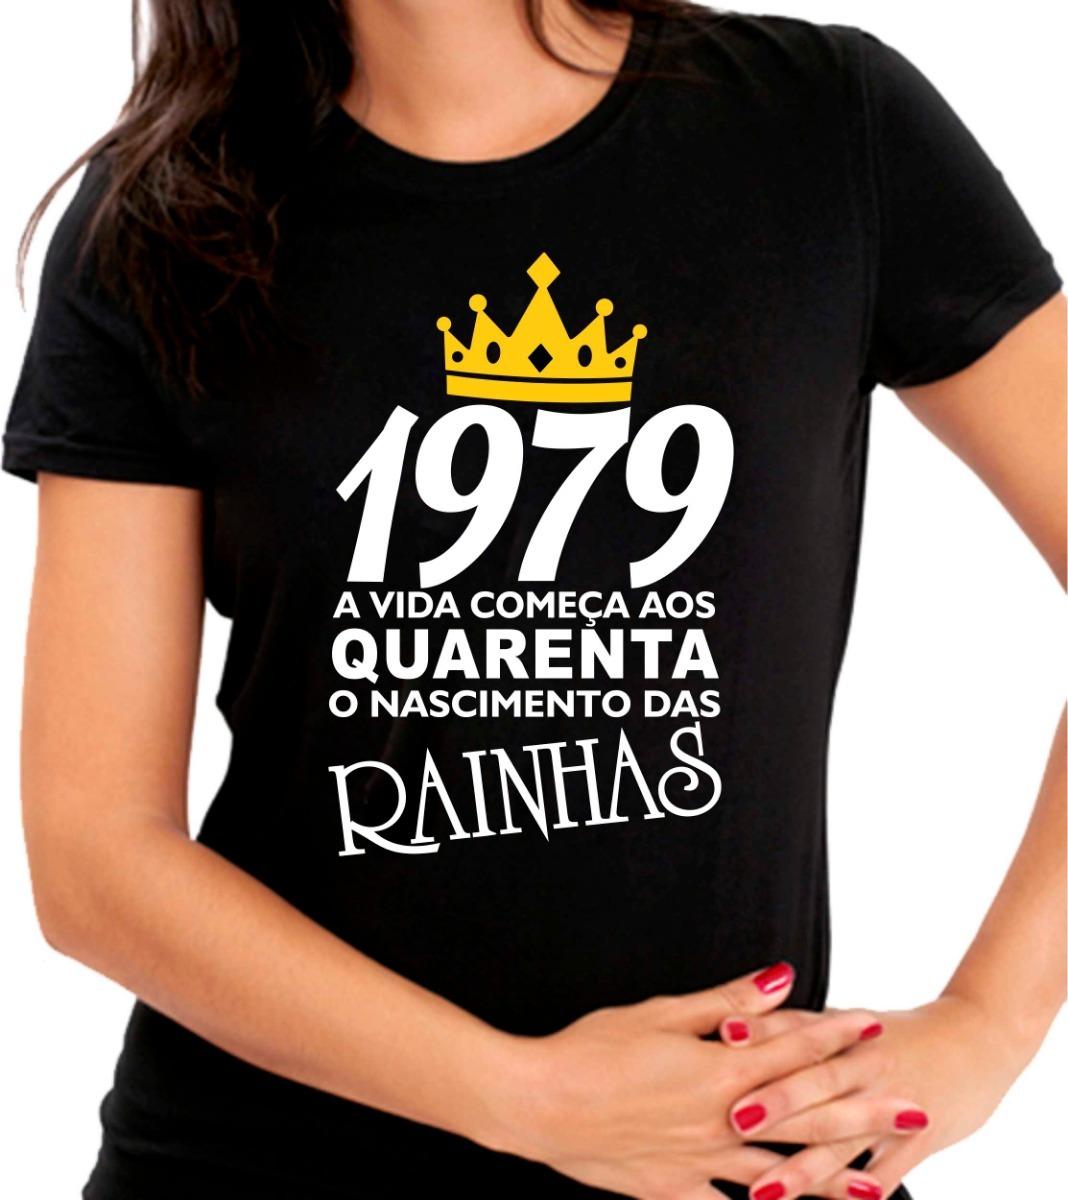 Camiseta Baby Look O Nascimento Das Rainhas 1979 40 Anos - R  41 06db1d0a6a215